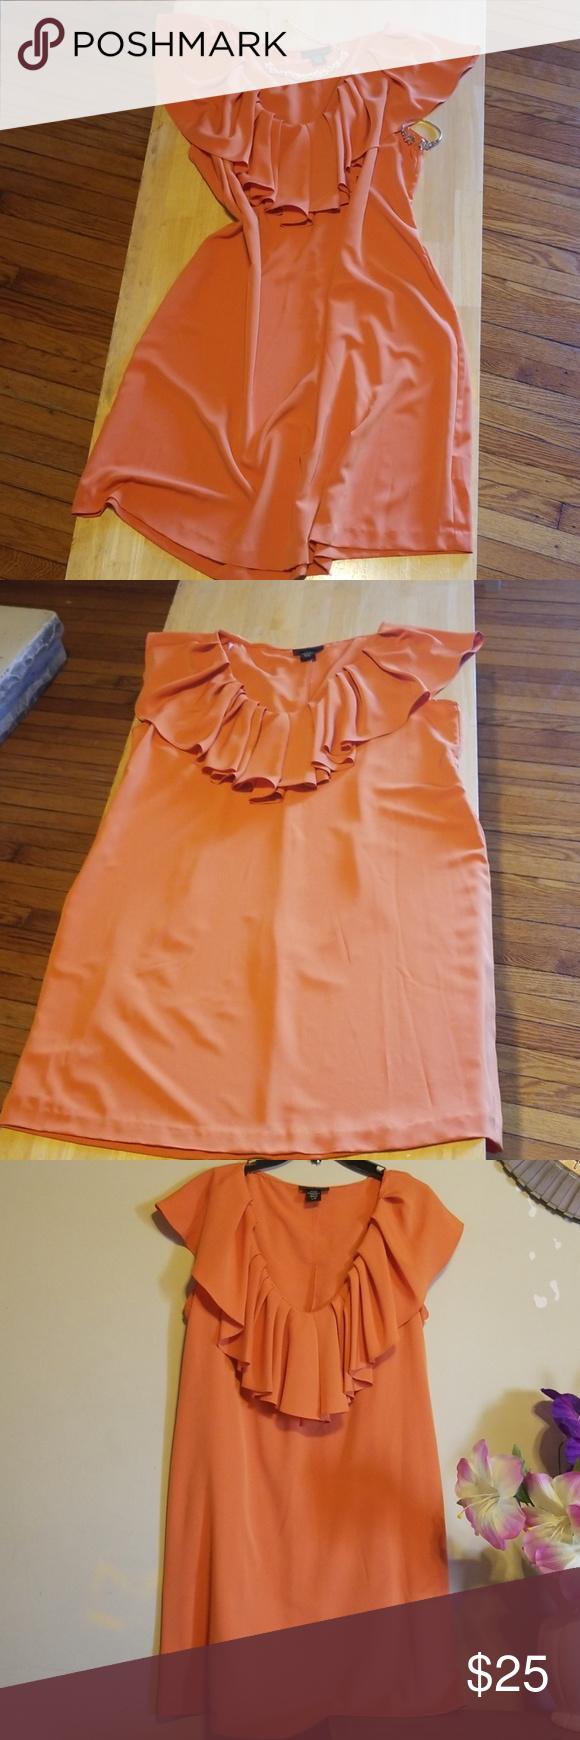 Apostrophe dress Orange size L/G Clothes design, Dresses